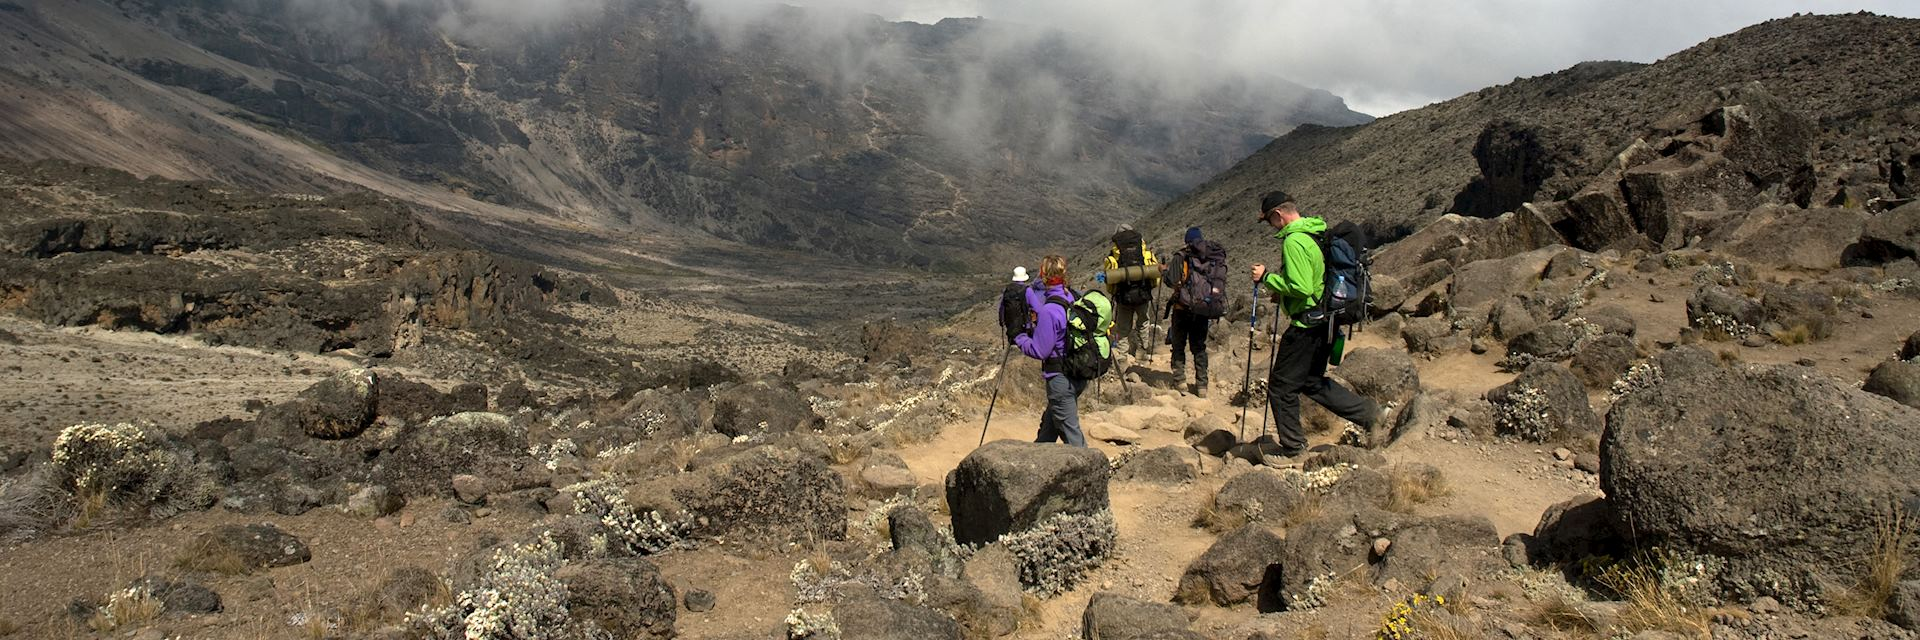 Hiking Mount Kilimanjaro